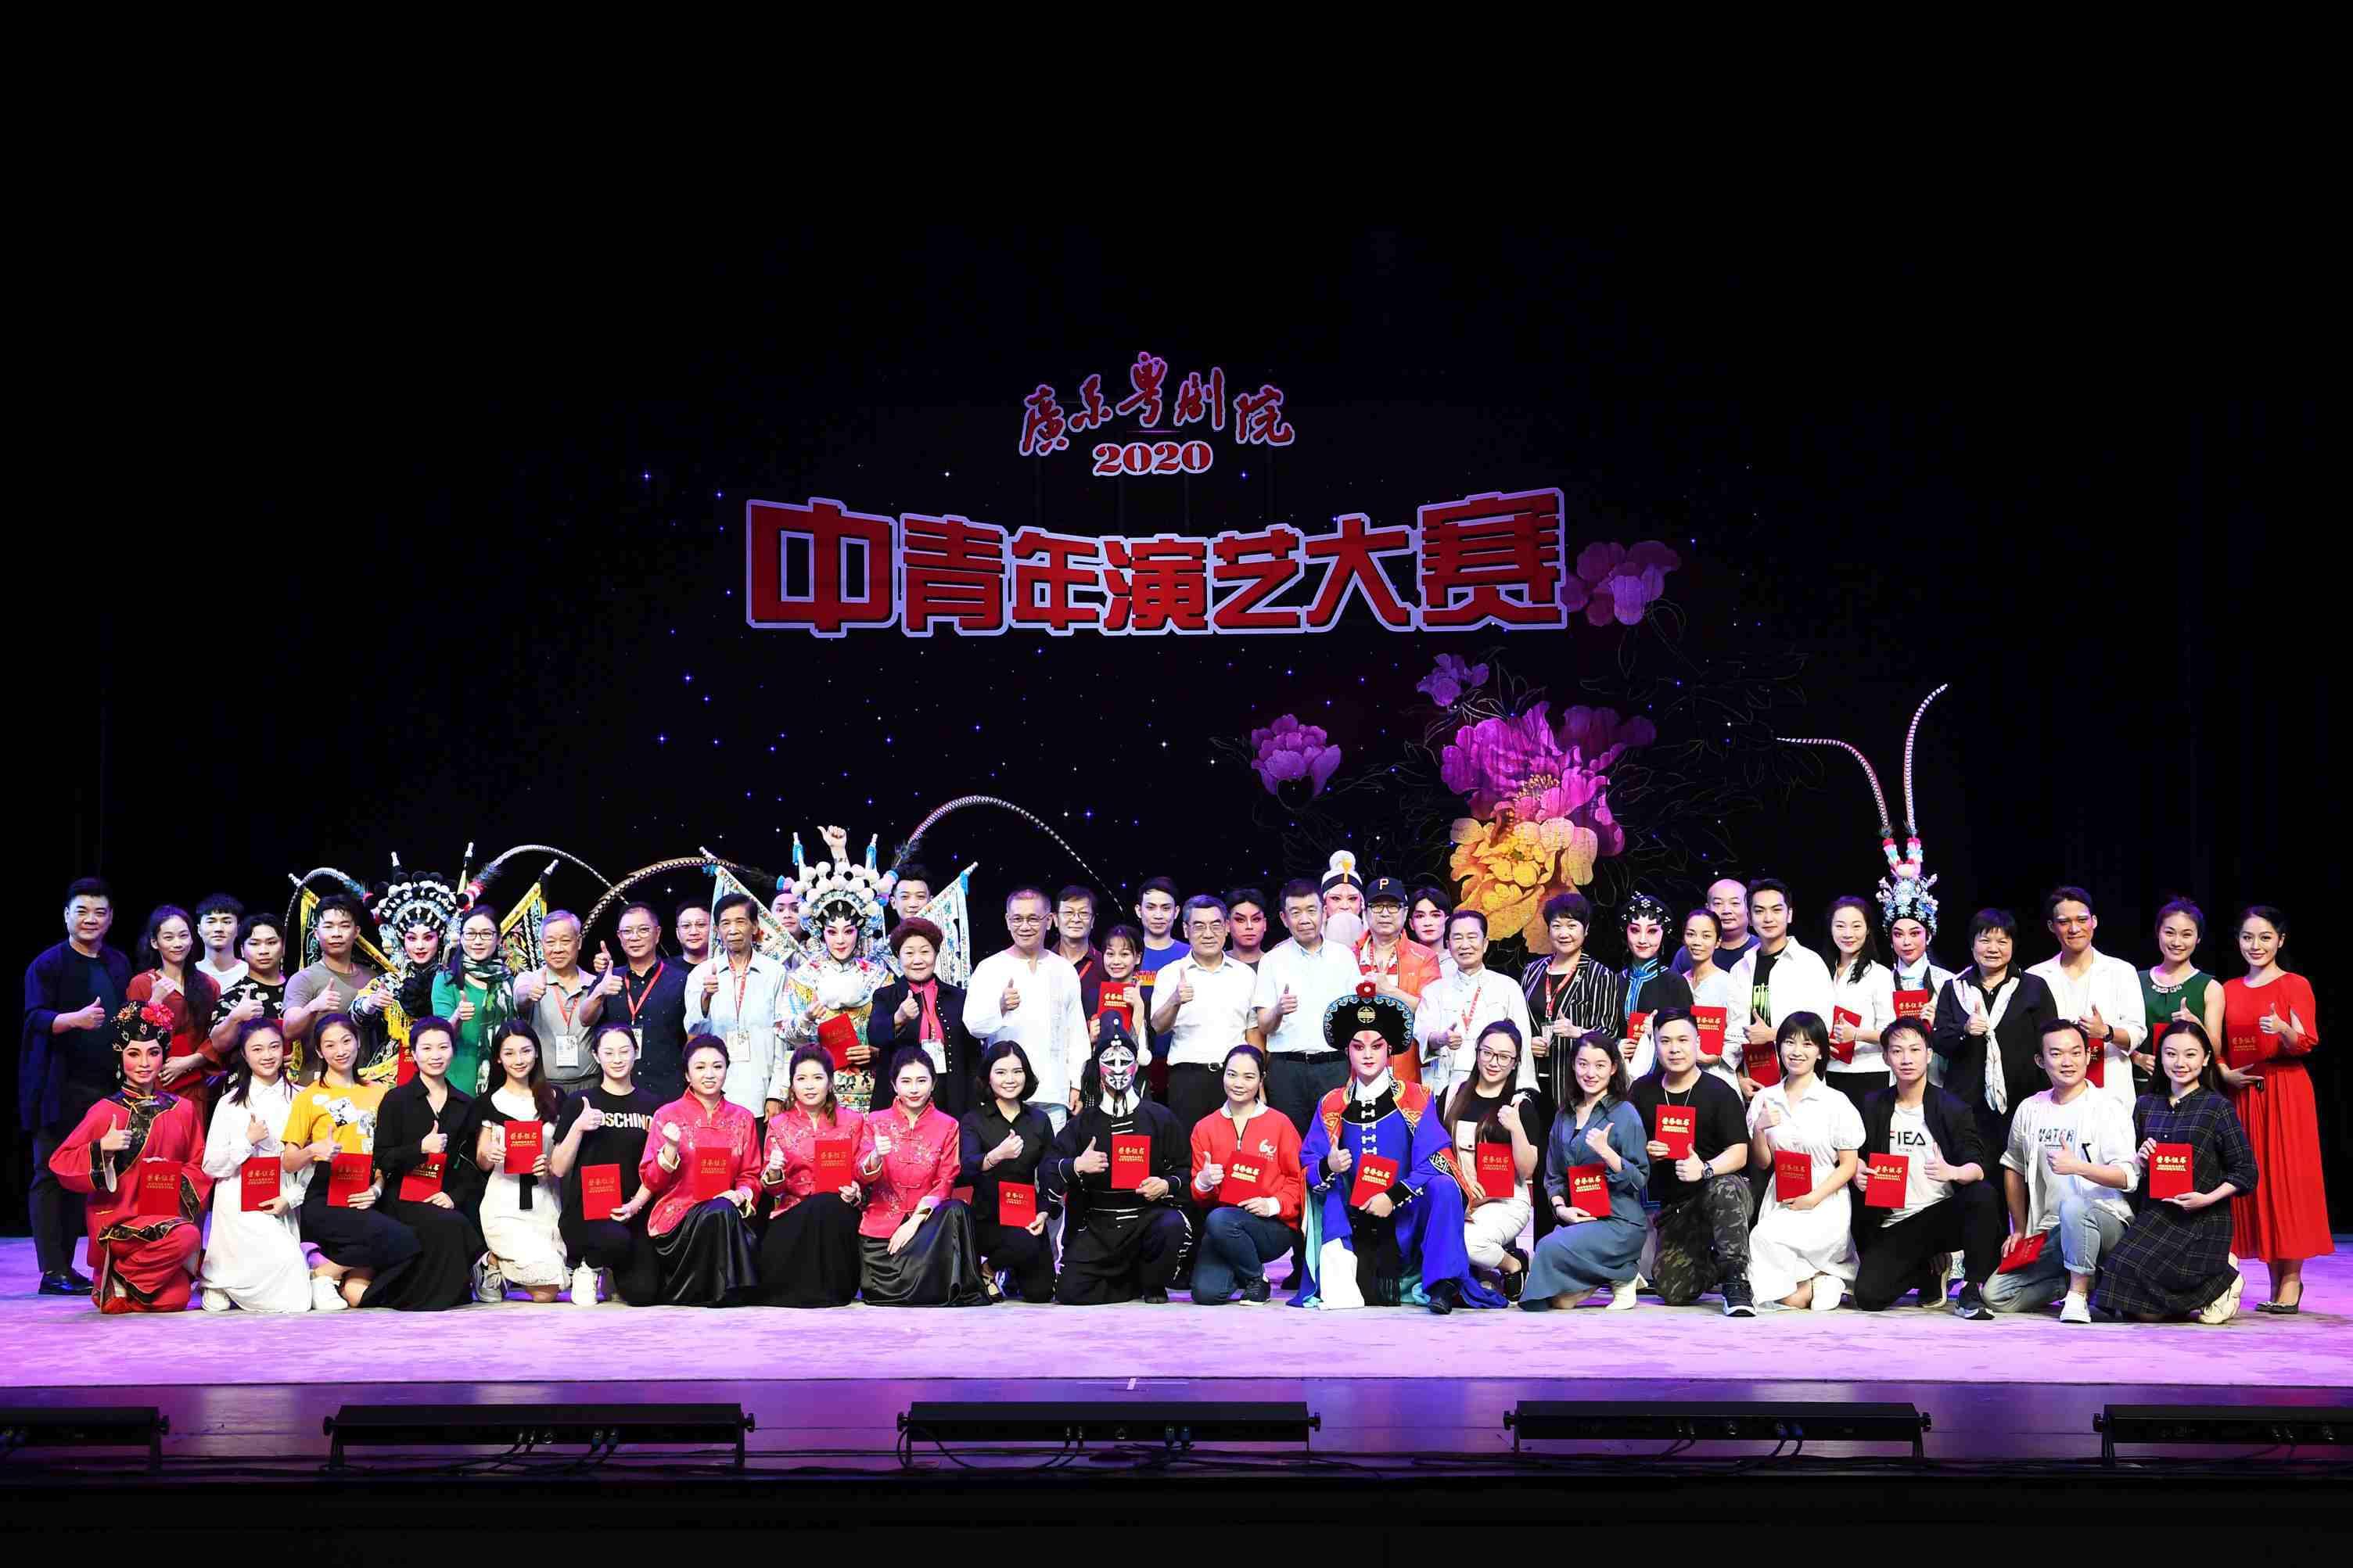 粤剧明天的顶梁柱!广东粤剧院2020中青年演艺大赛收获惊喜